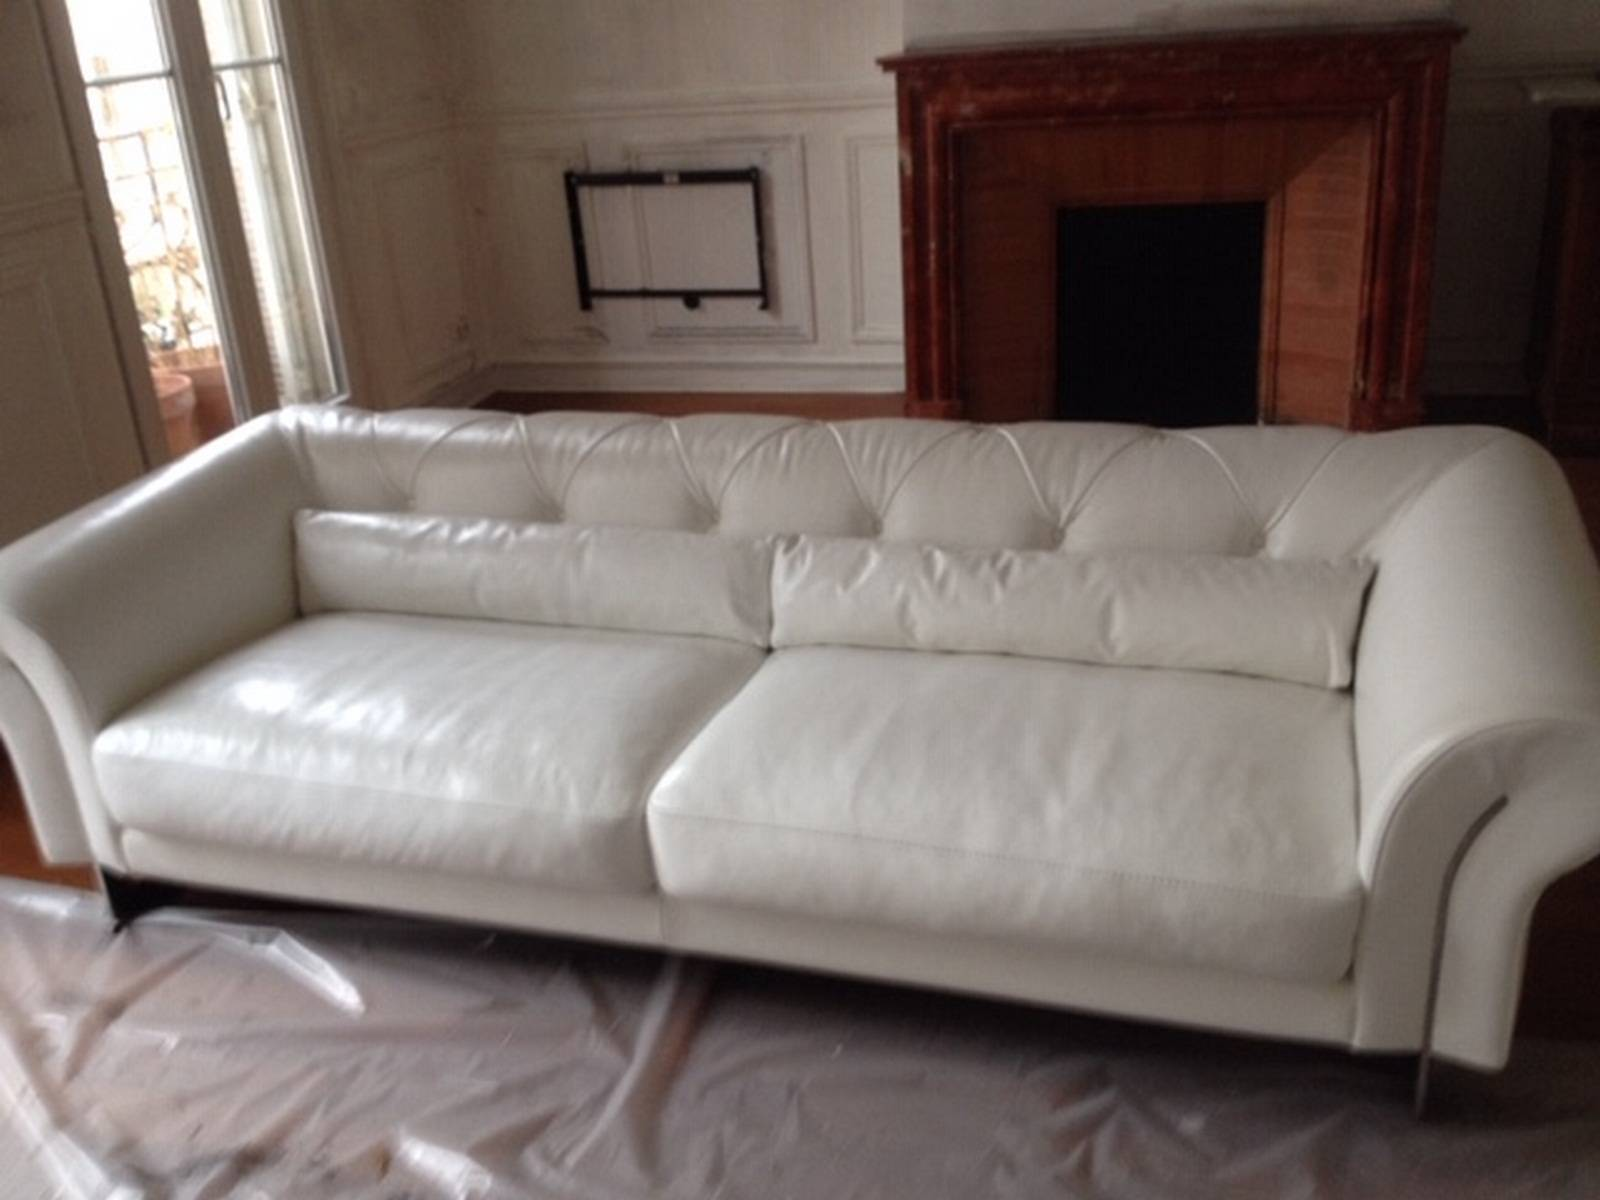 Canapé Cuir Blanc Qui Jaunit rénovation d'un canapé en cuir blanc abîmé lors d'un